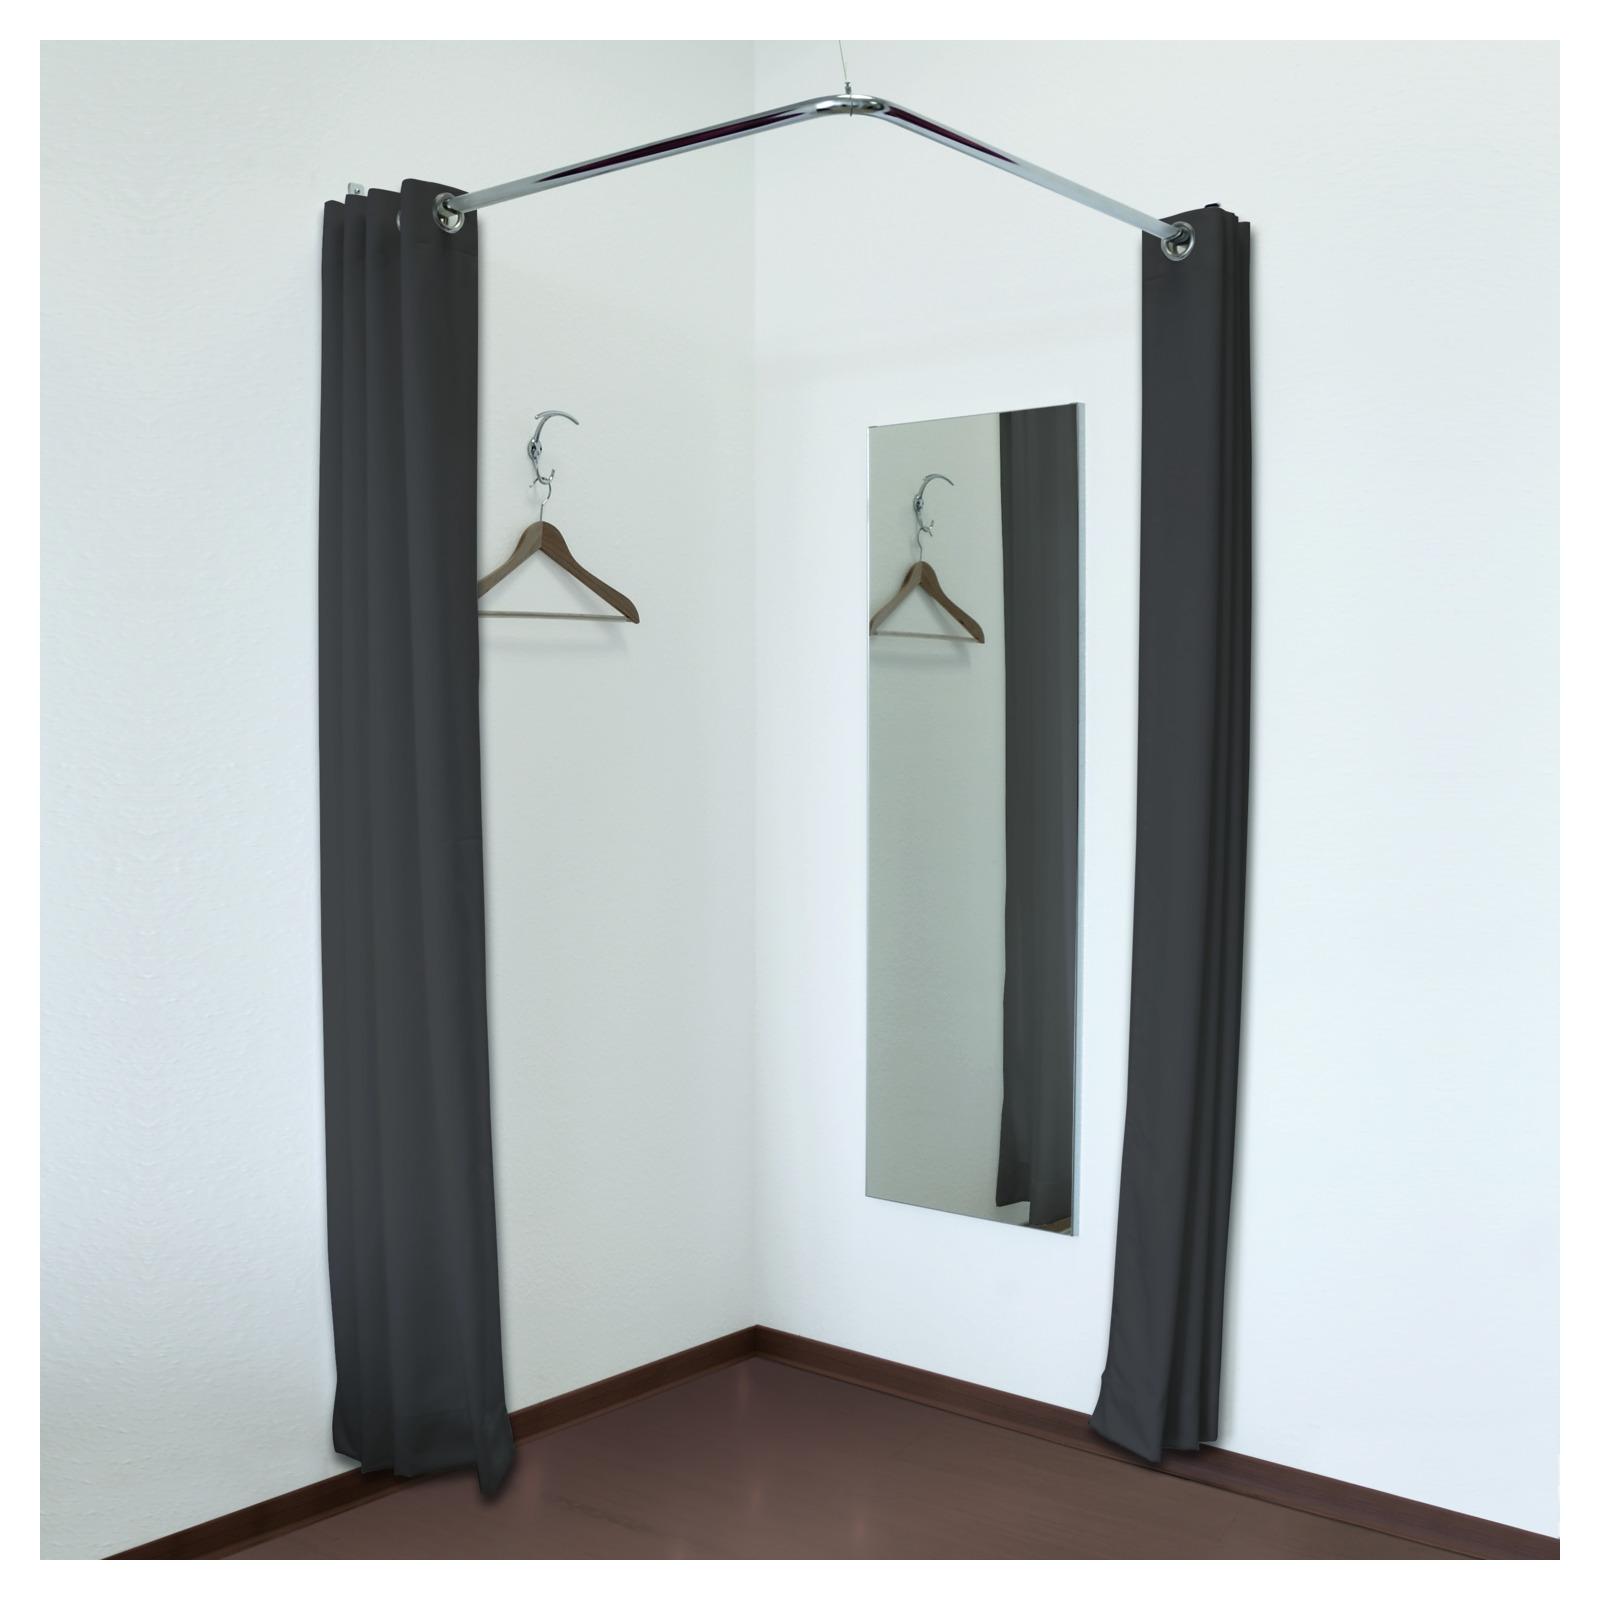 eck umkleidekabine mit zwei vorh ngen spiegel und zubeh r. Black Bedroom Furniture Sets. Home Design Ideas